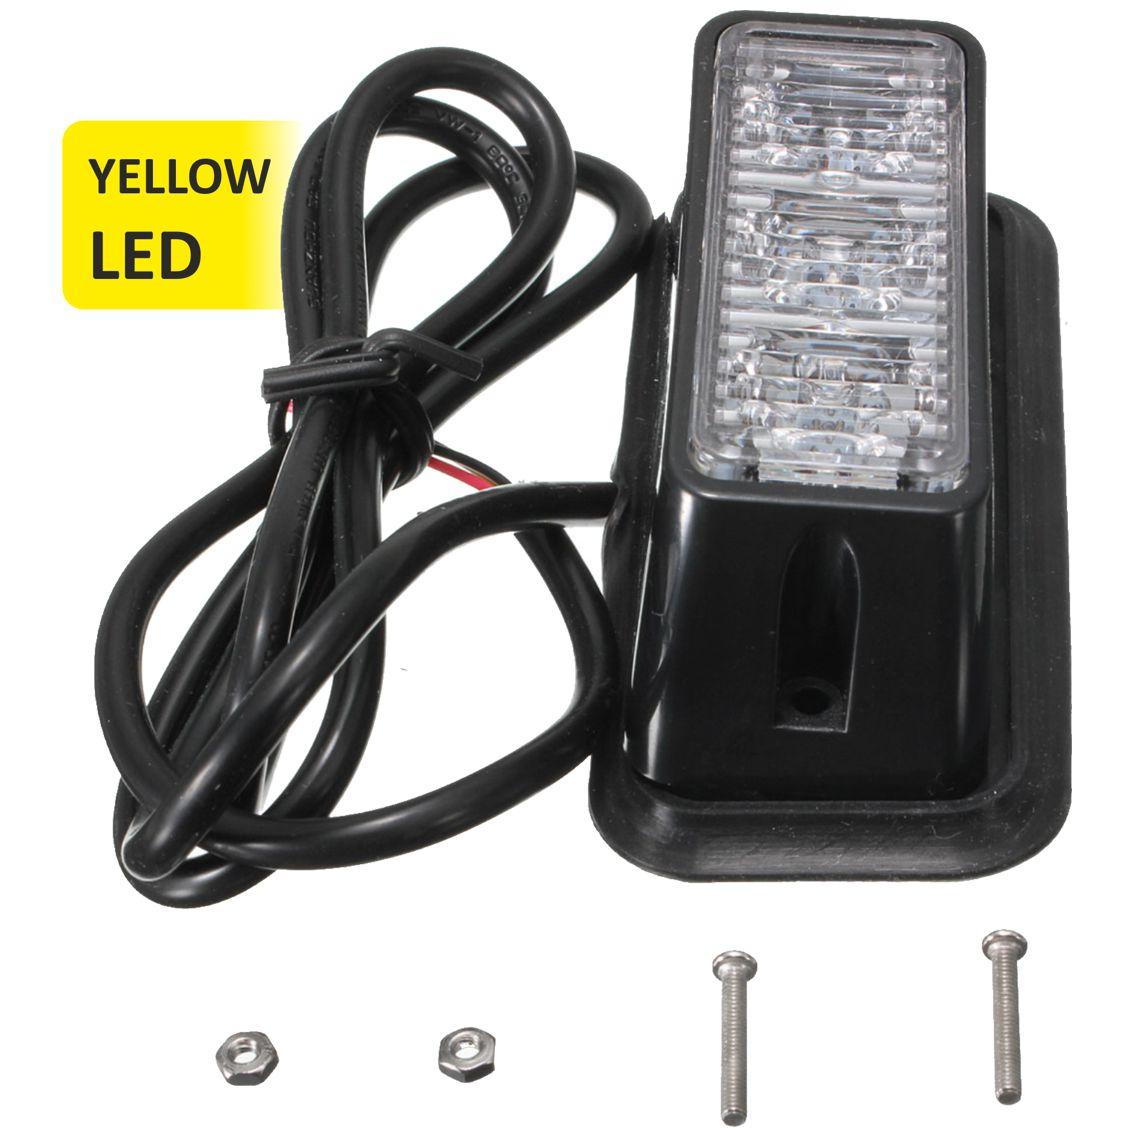 Strobe υψηλής φωτεινότητας με τρία POWER LED, GEN III, Κίτρινο χρώμα - UNBRANDED 11449